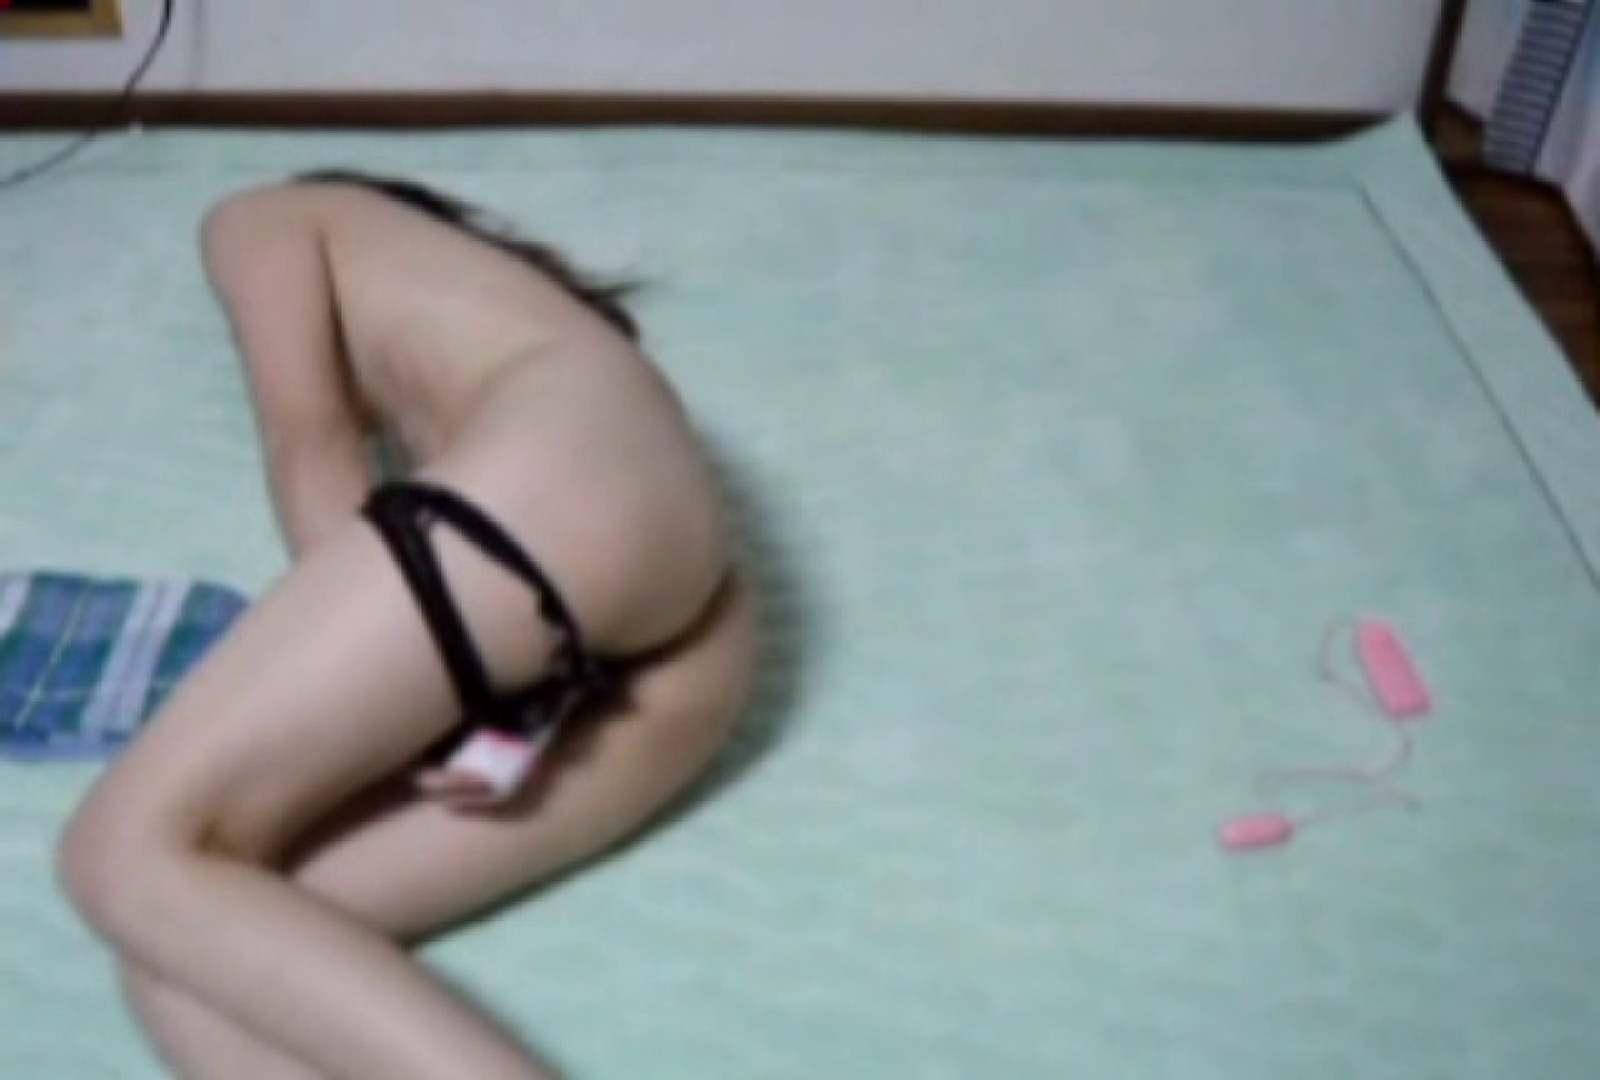 愛妻のオナニーを撮影してます 投稿 女性器鑑賞 108pic 59